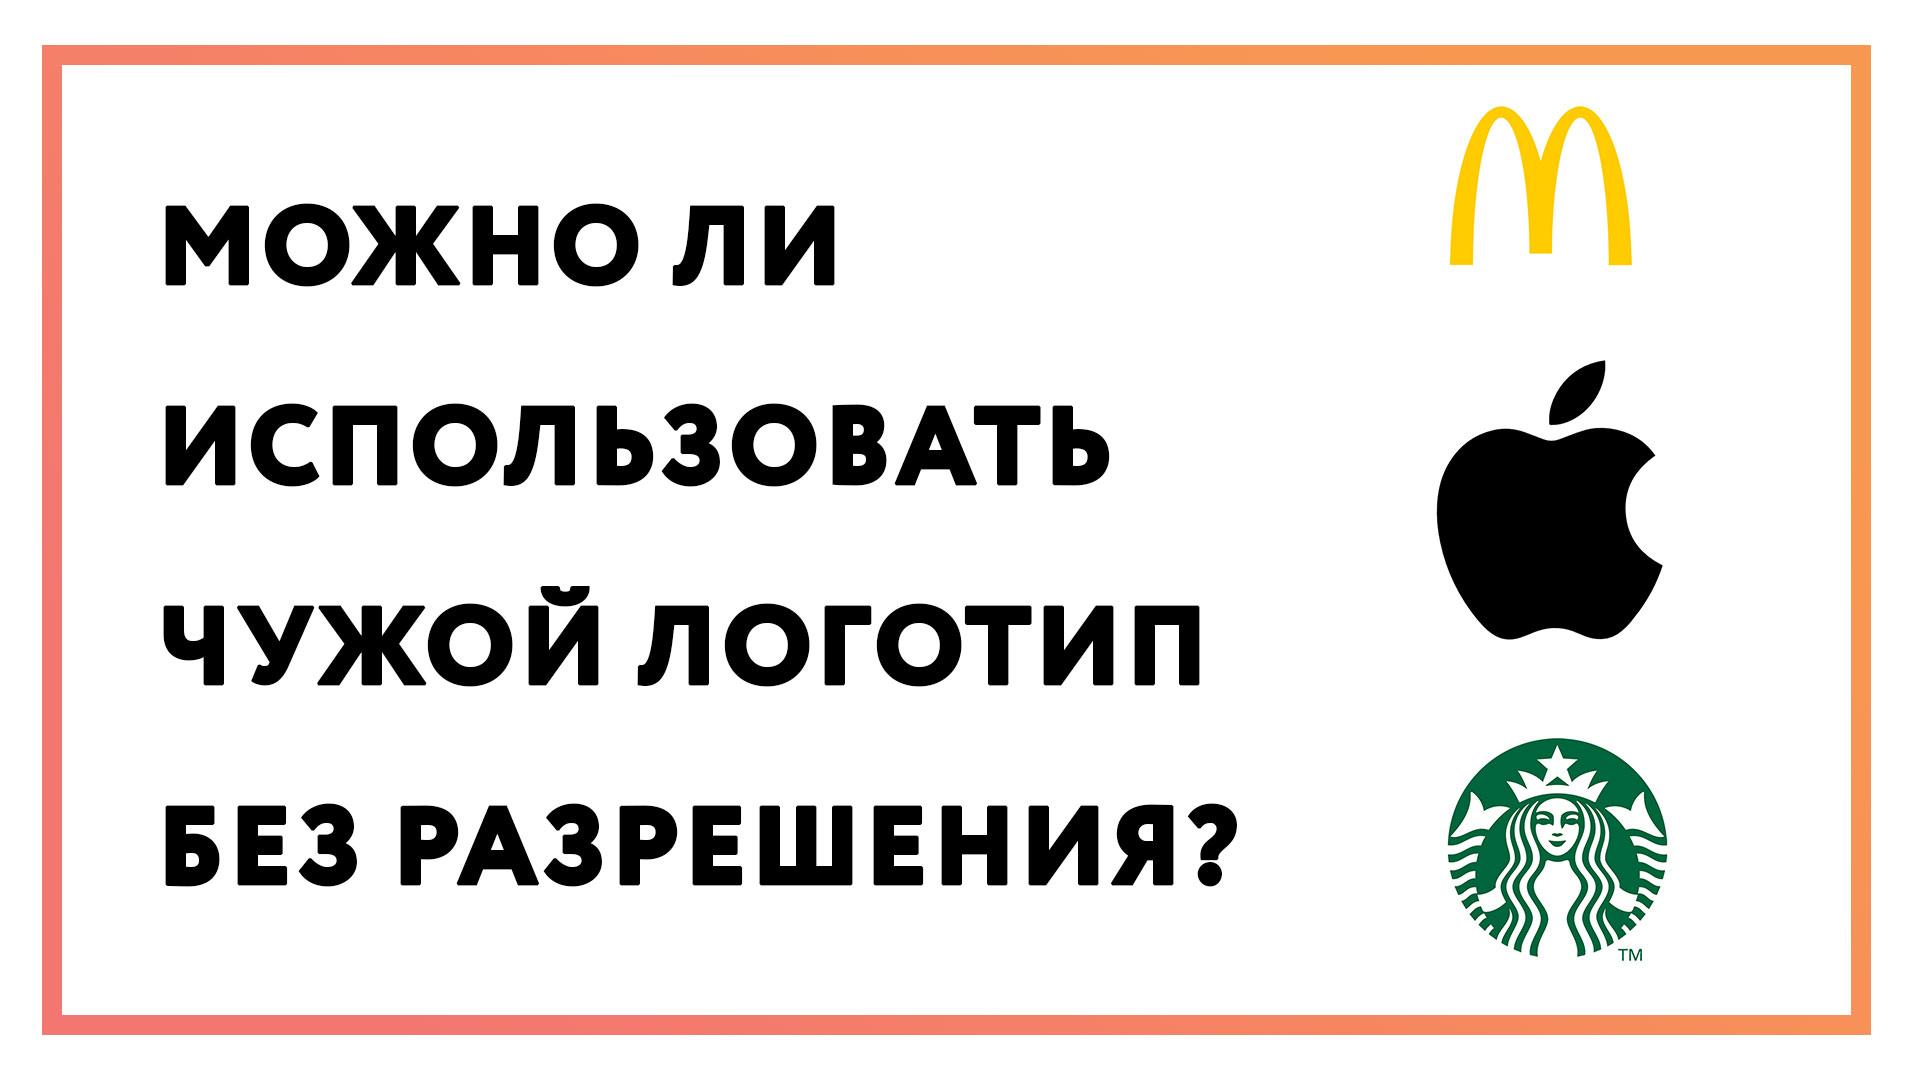 Можно-ли-использовать-логотип-чужой-компании-без-разрешения.jpg